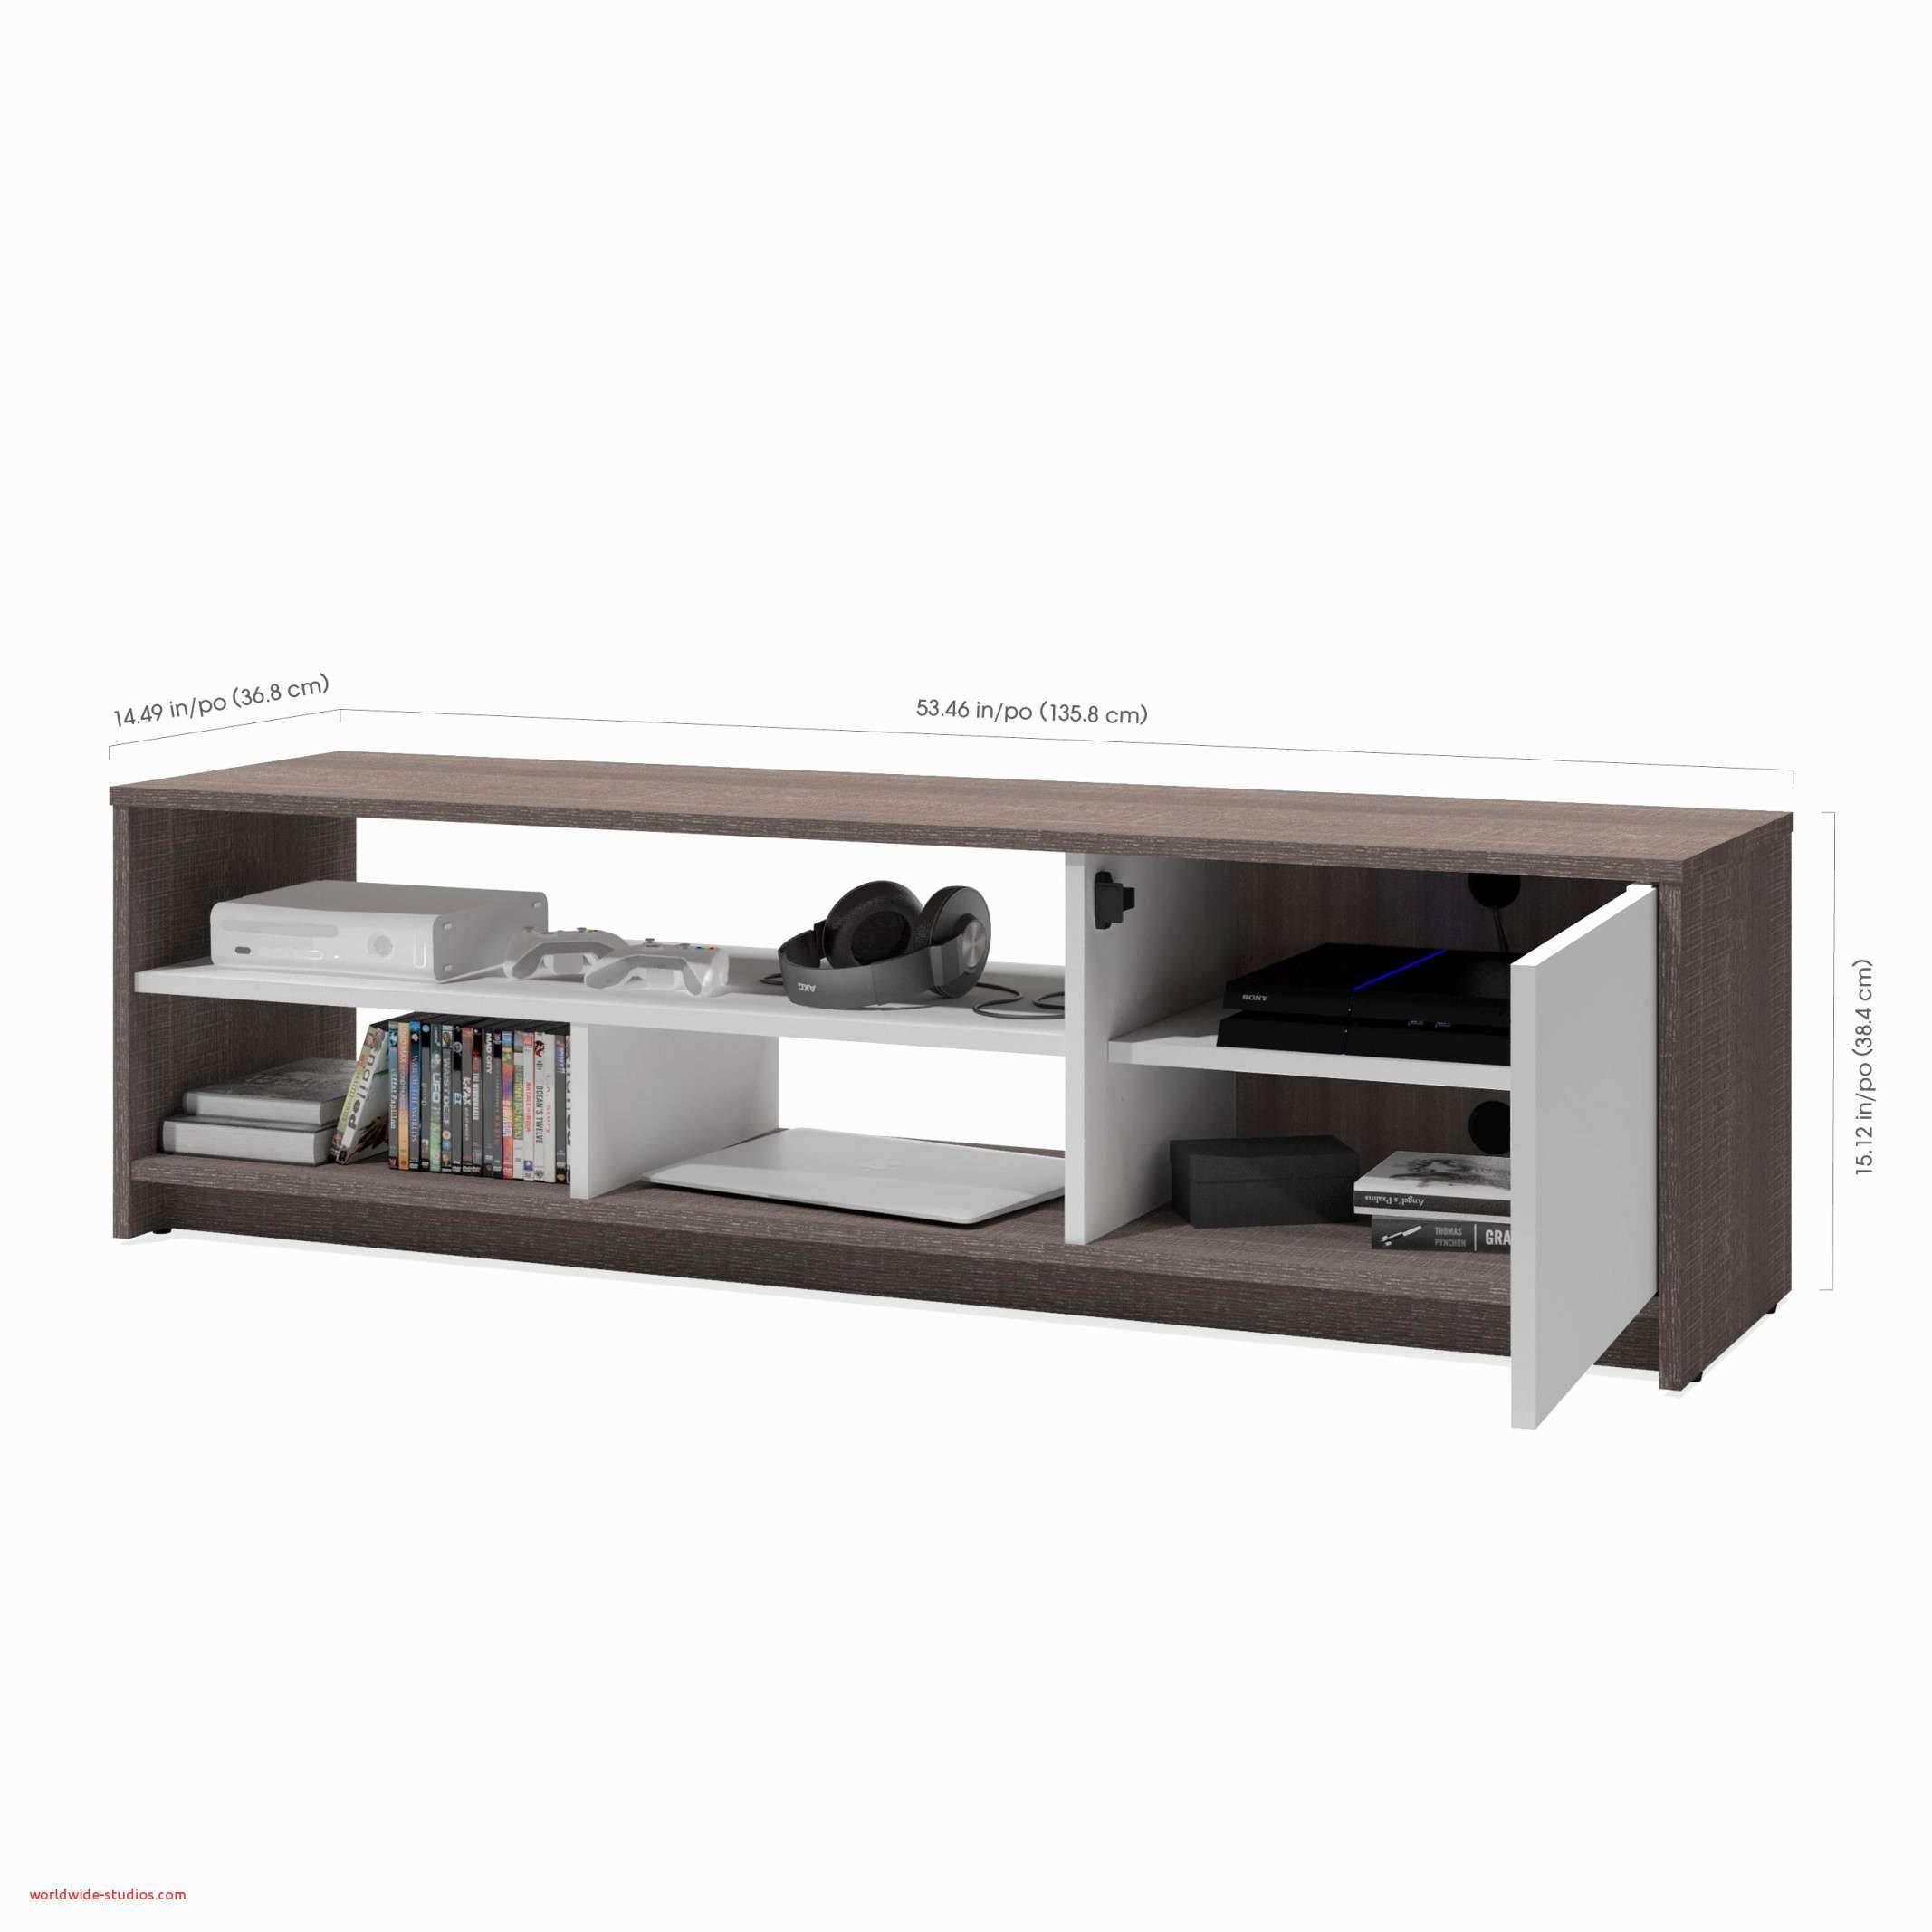 Full Size of Ikea Hängeschrank Weiß Hochglanz Wohnzimmer Sofa Mit Schlaffunktion Miniküche Küche Höhe Kaufen Badezimmer Glastüren Bad Wohnzimmer Ikea Hängeschrank